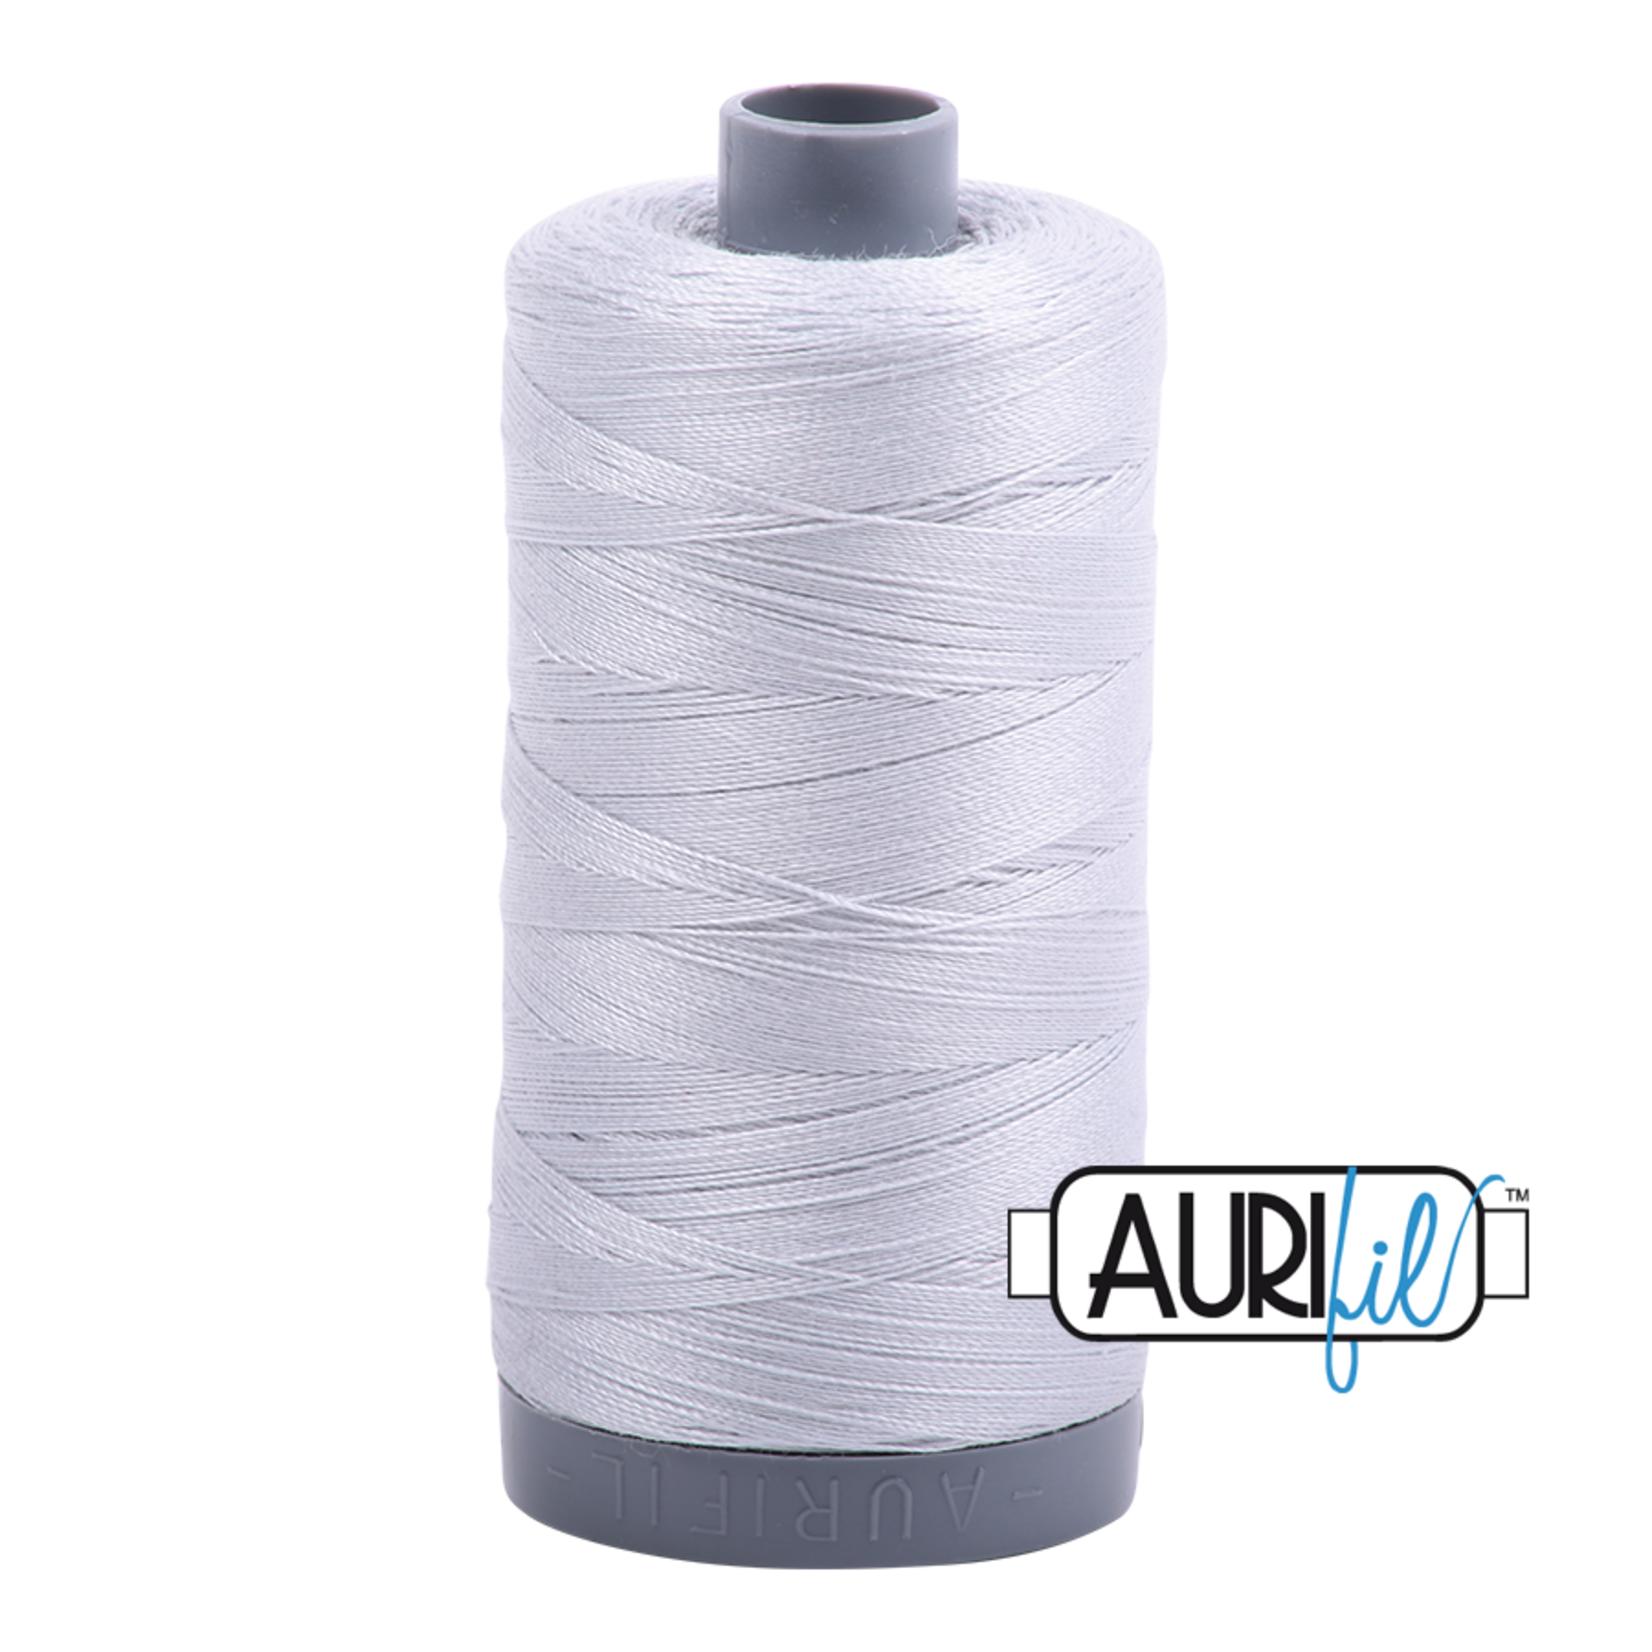 AURIFIL Aurifil 2600 Dove Grey 28 WT